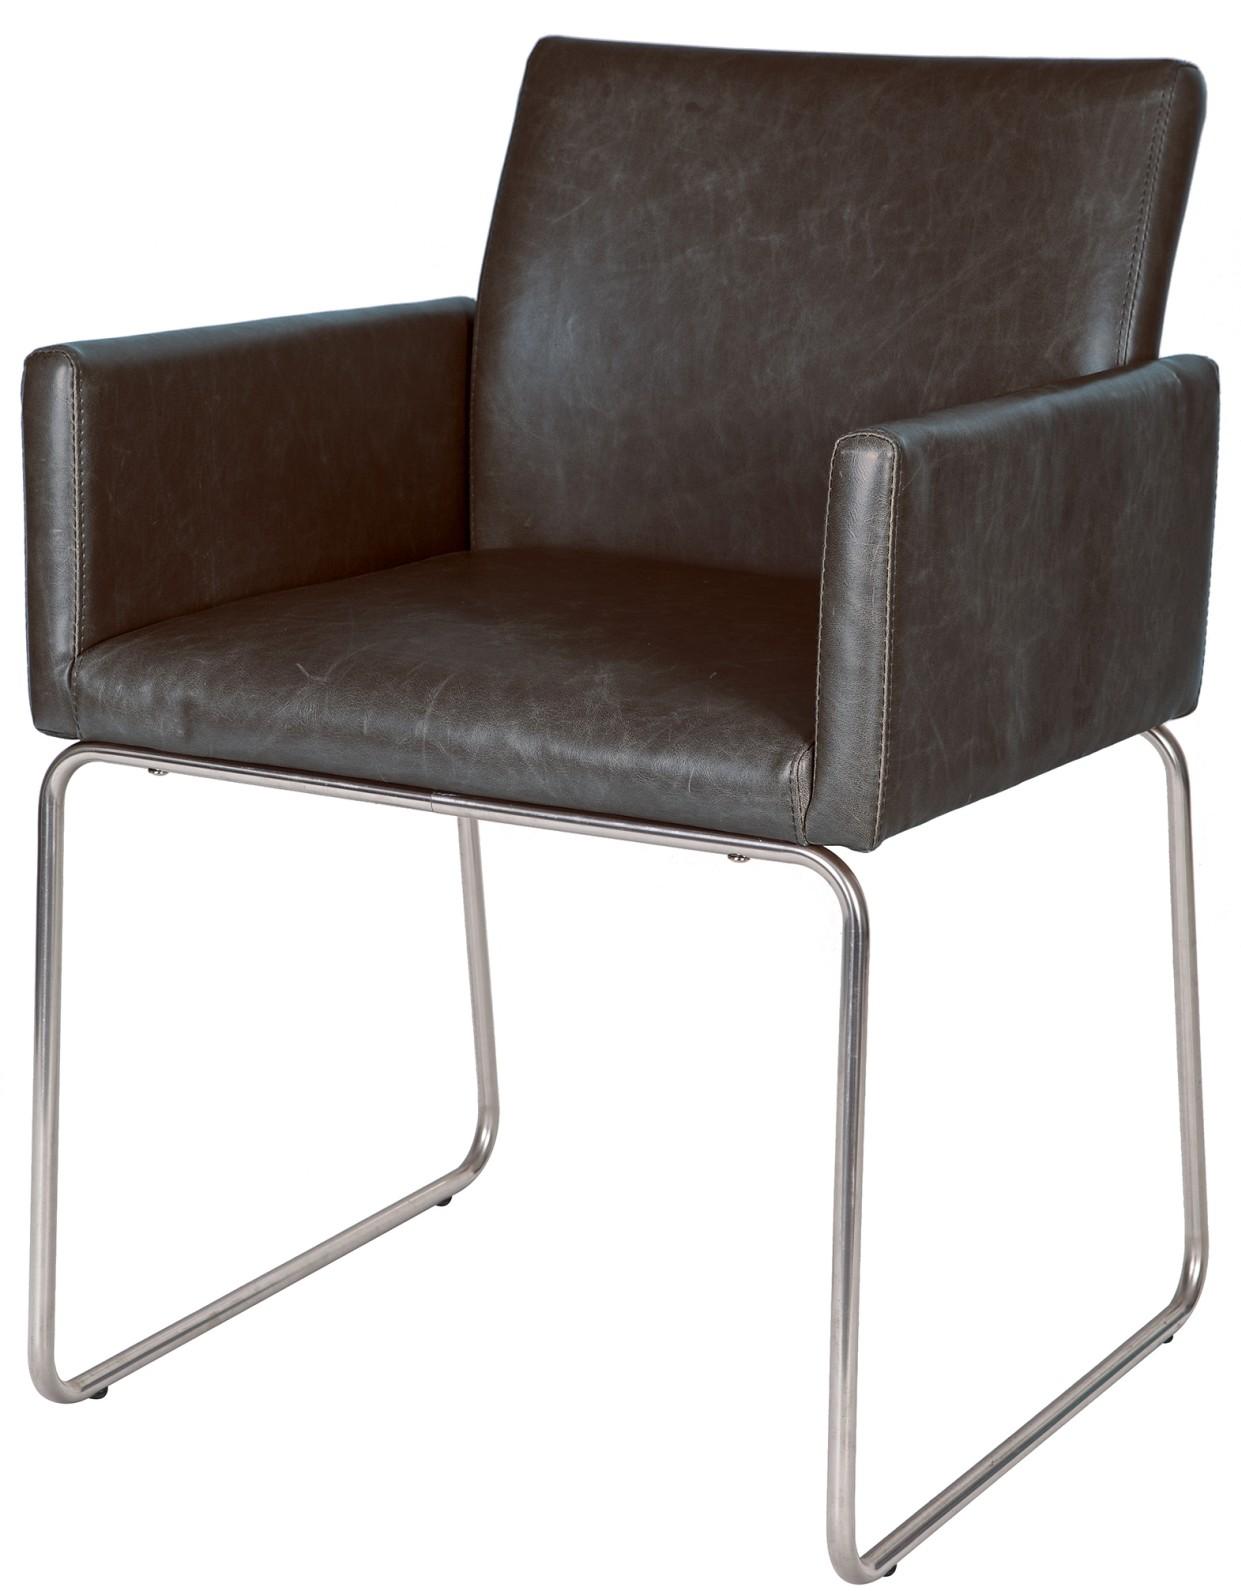 Eetkamer eetkamerstoelen poortvliet : Woood Set (2) Stoelen Toby Armleuningen PU Lederlook Vintage zwart